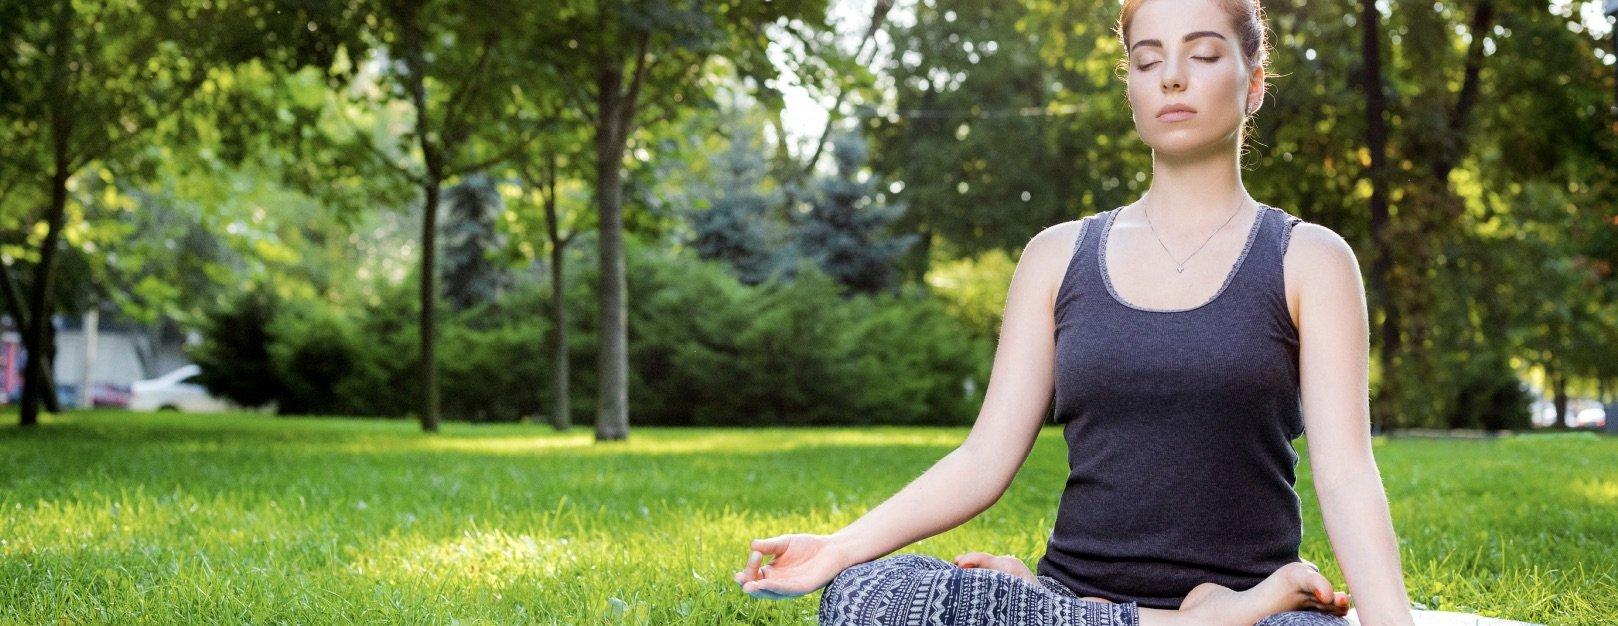 contemplation garden tips